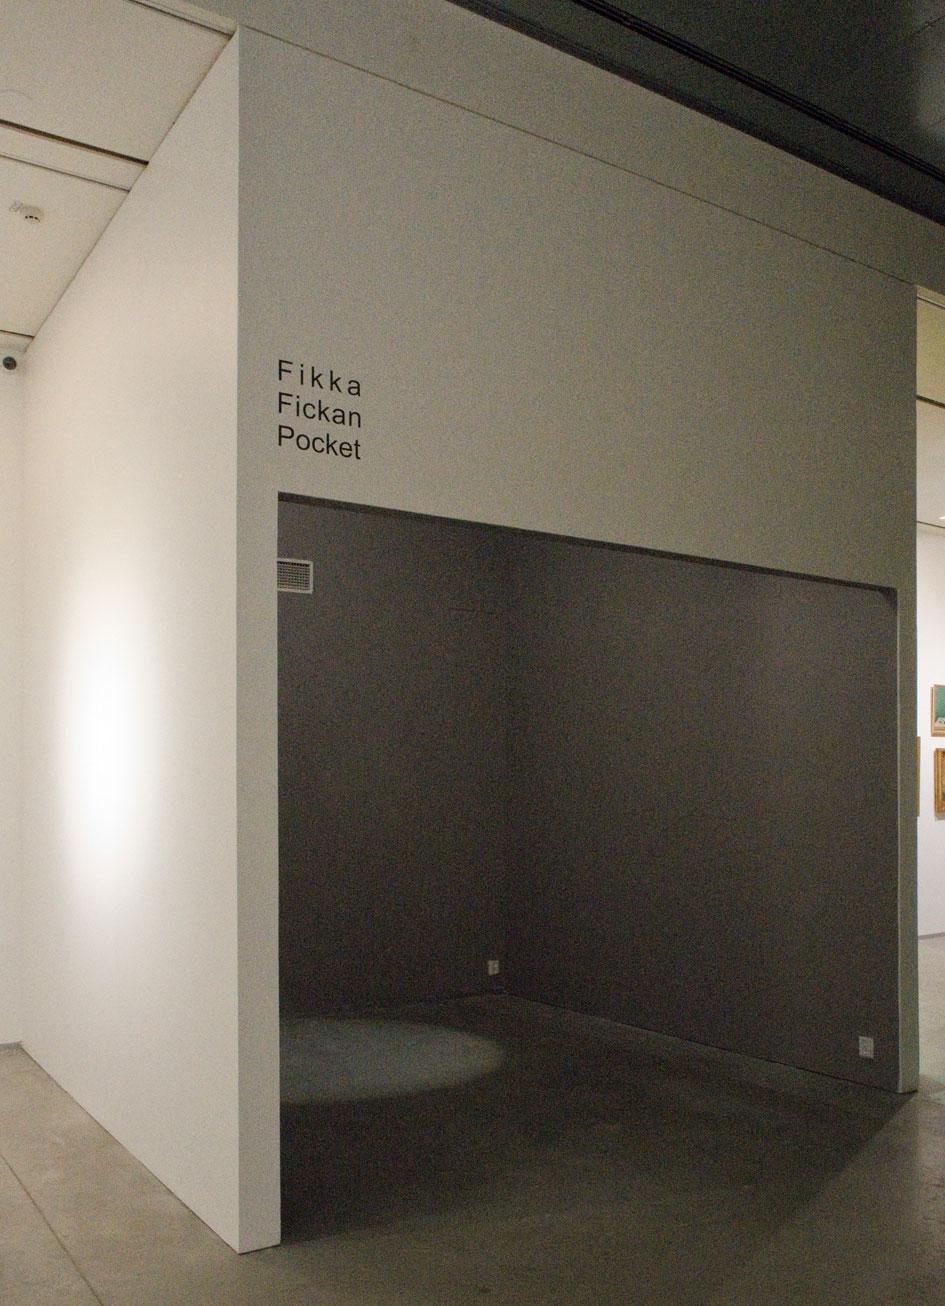 Galleria Fikka avattu